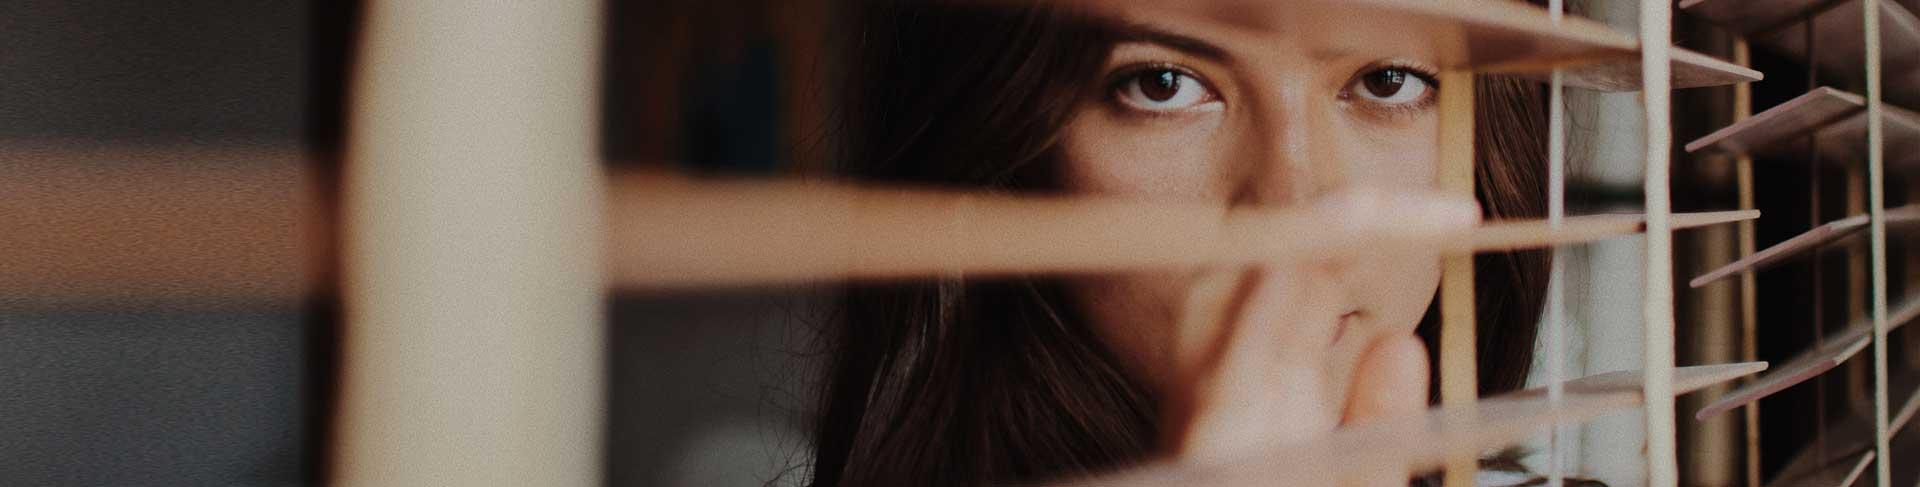 Dificultades en las relaciones interpersonales Problemas de comunicación, timidez, agresividad, rabia, falta de habilidades sociales…